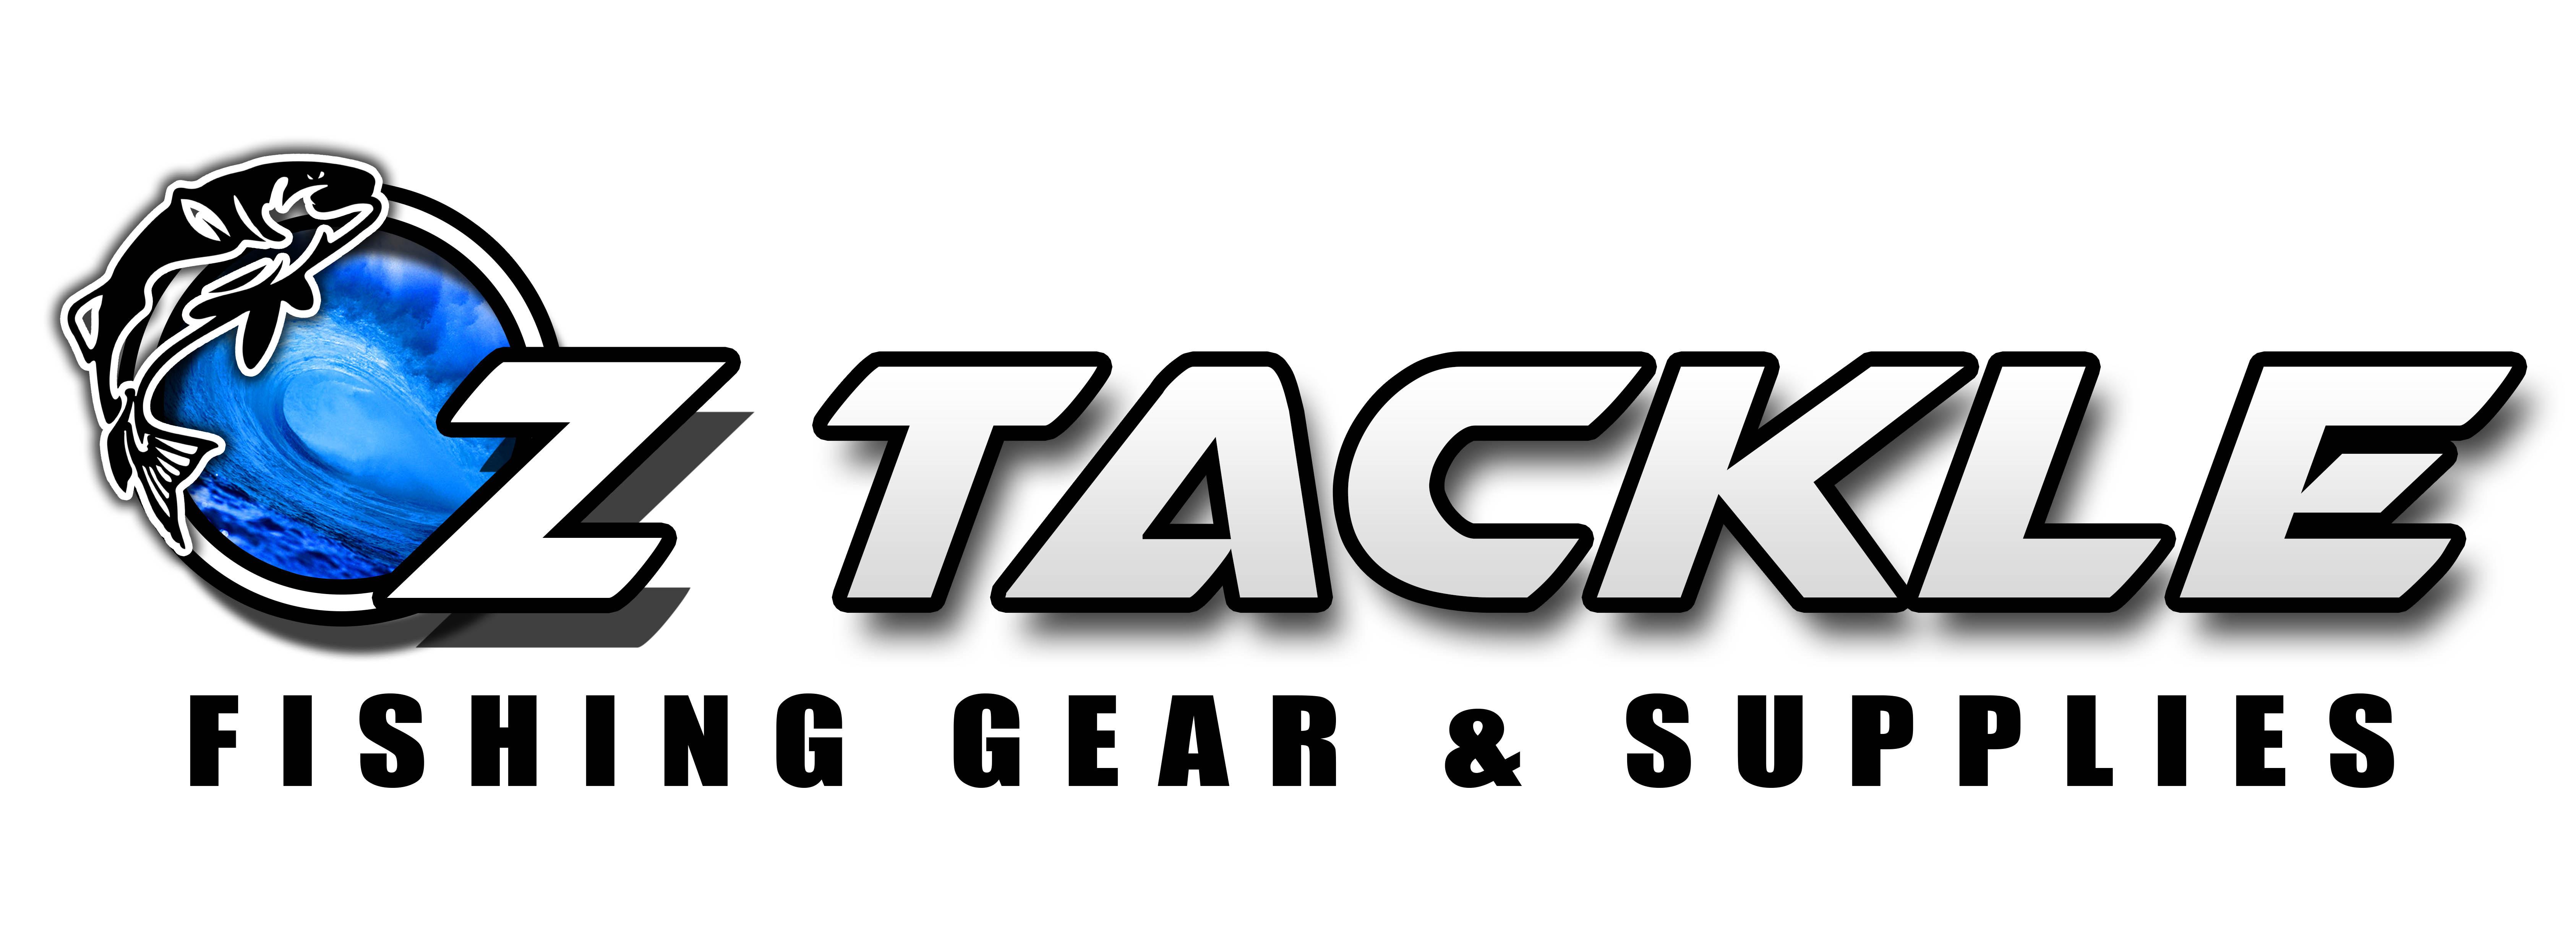 OZTackle Fishing Gear